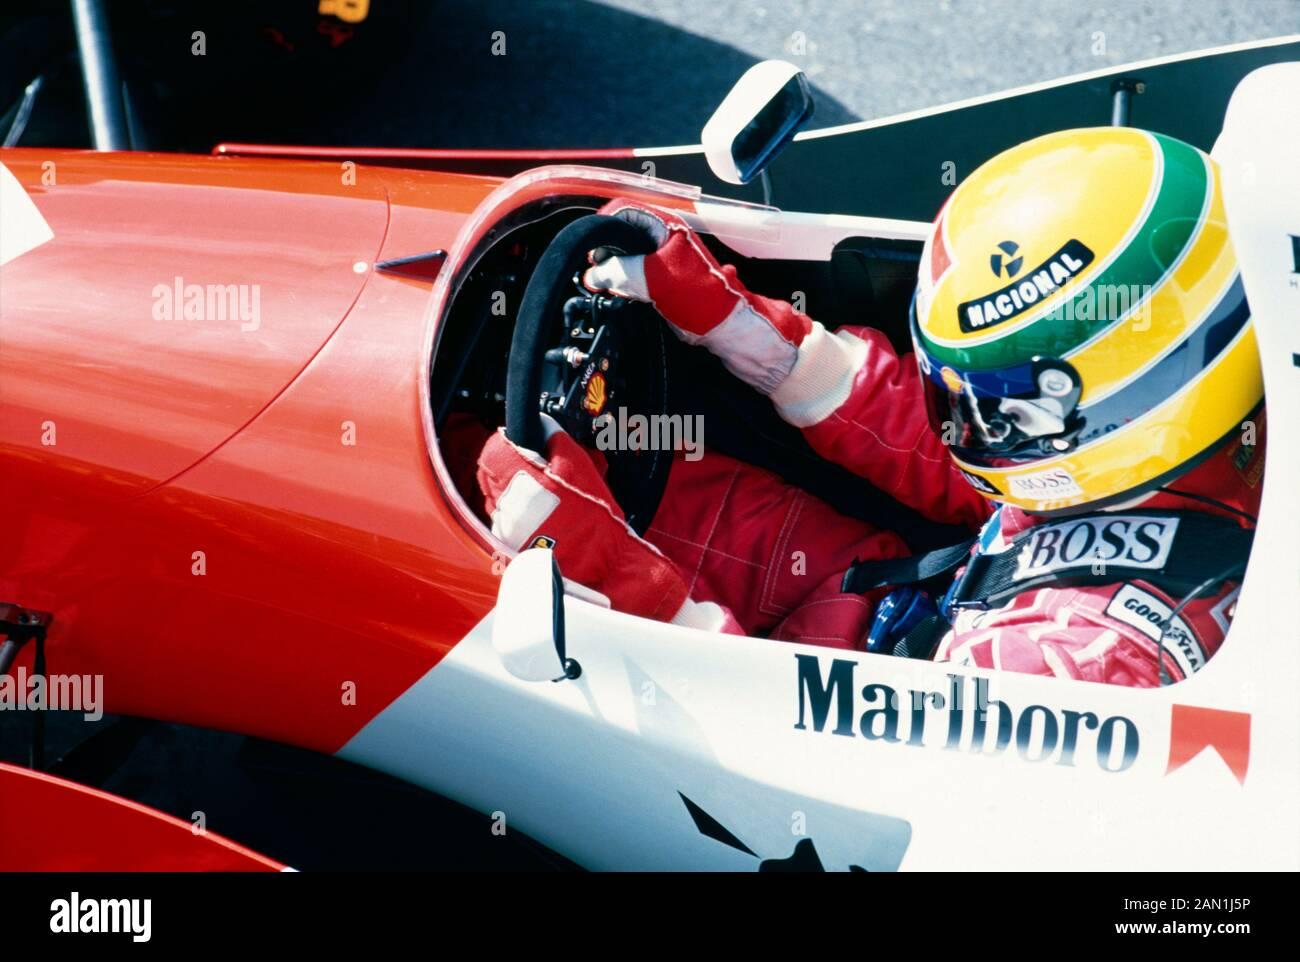 Ayrton Senna Notizbuch Monaco 87